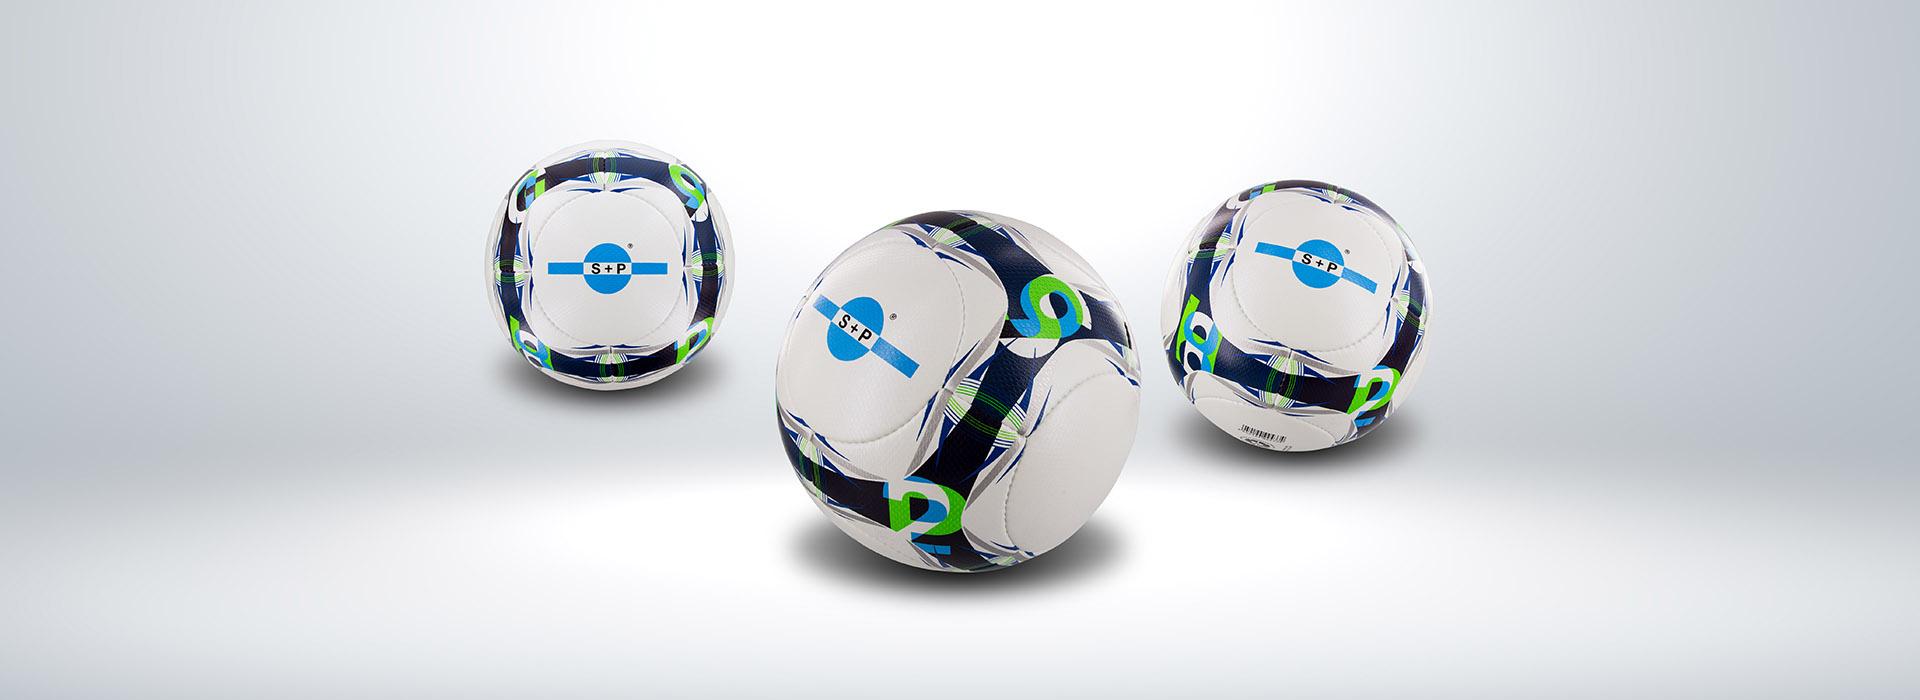 Fussball-Design für S+P